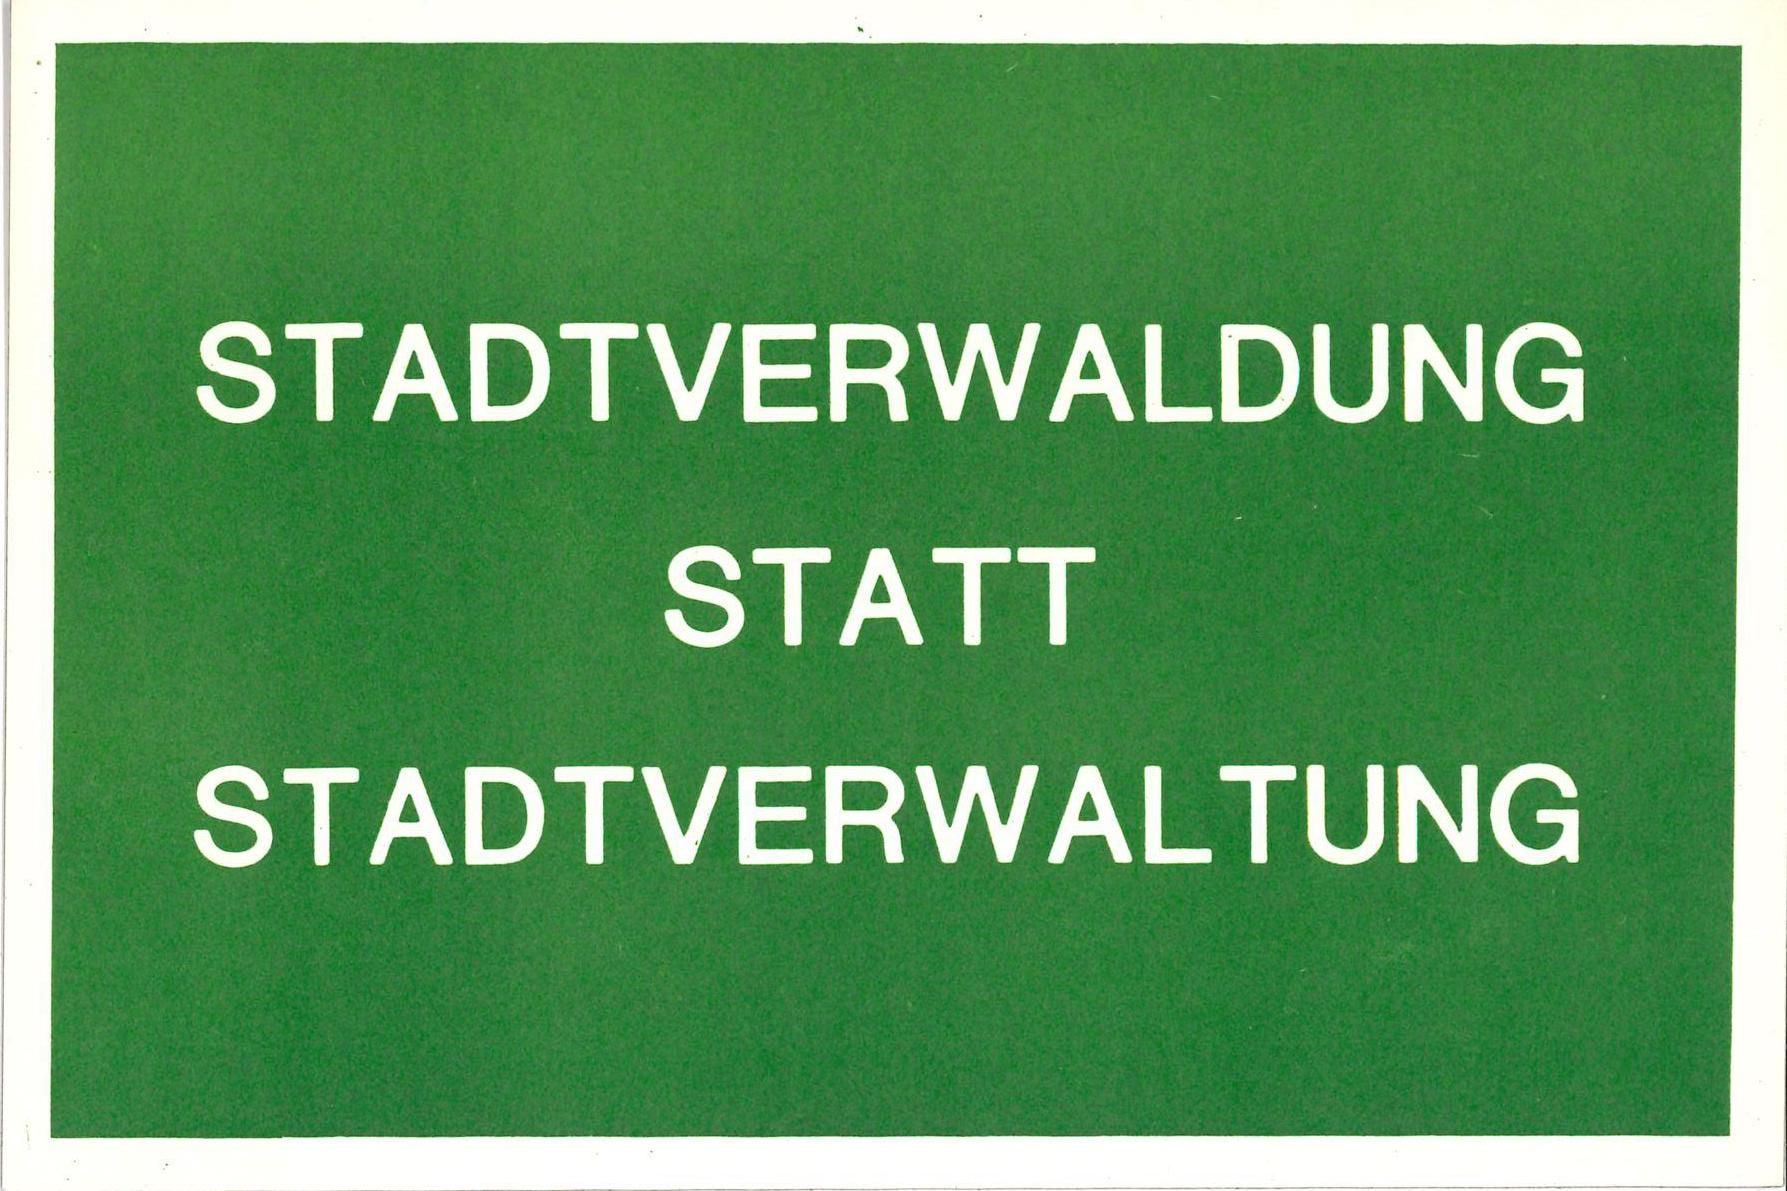 """Joseph Beuys """"Stadtverwaldung Statt Stadtverwaltung"""", documenta VII, 1982 (announcement postcard); Archiv der Avantgarden, Staatliche Kunstsammlungen Dresden © Siegfried Sander, © VG Bild-Kunst, Bonn"""